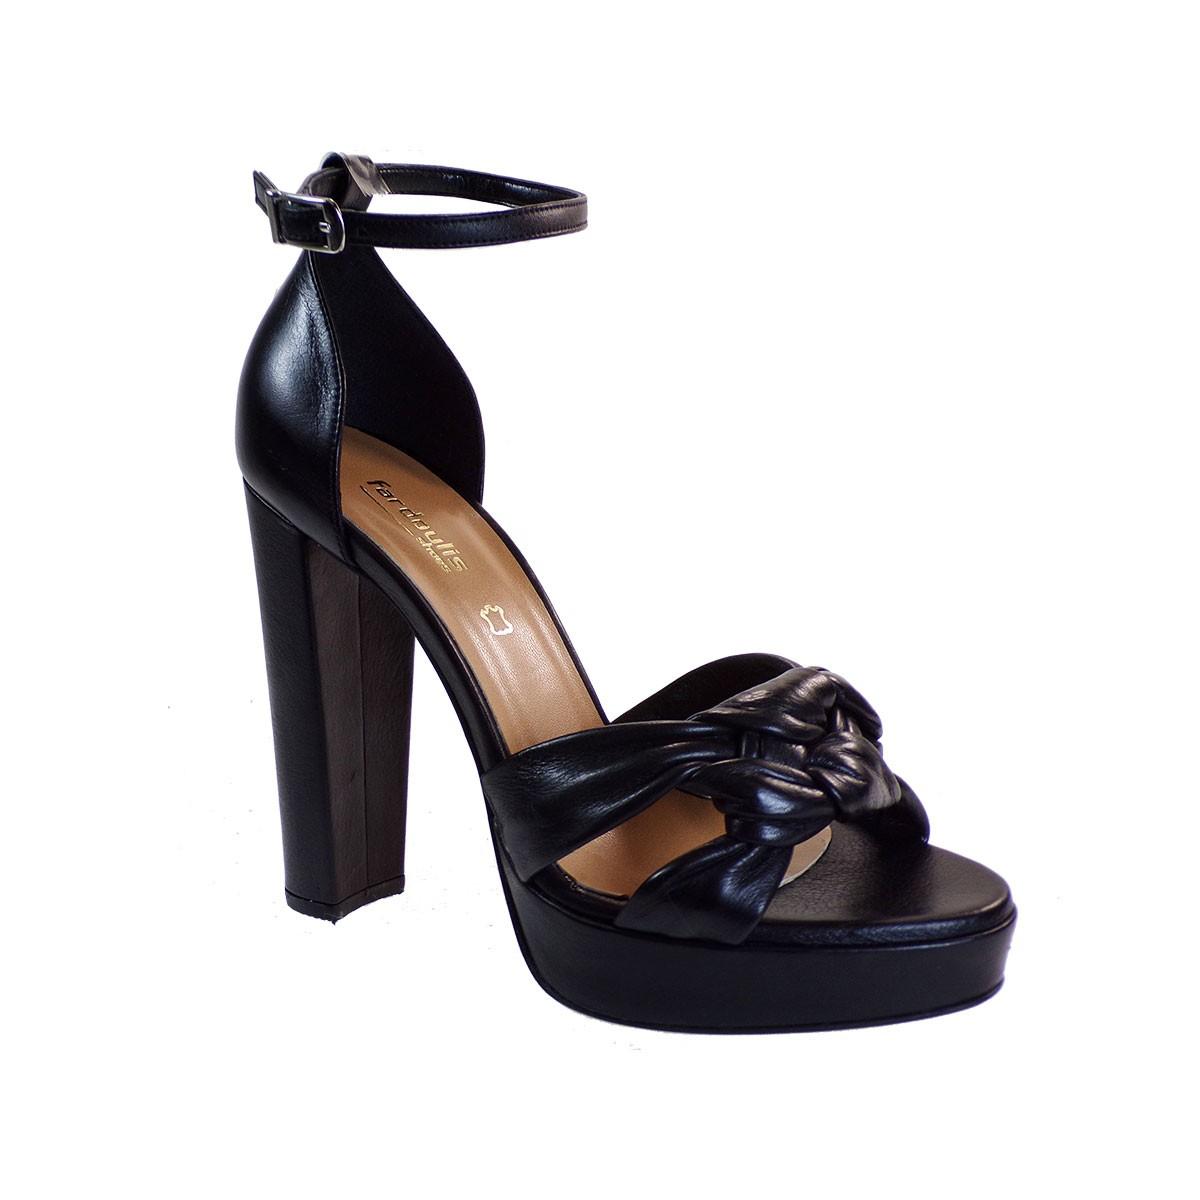 Fardoulis shoes Γυναικεία Παπούτσια Πέδιλα 916-04Χ Μαύρο Δέρμα